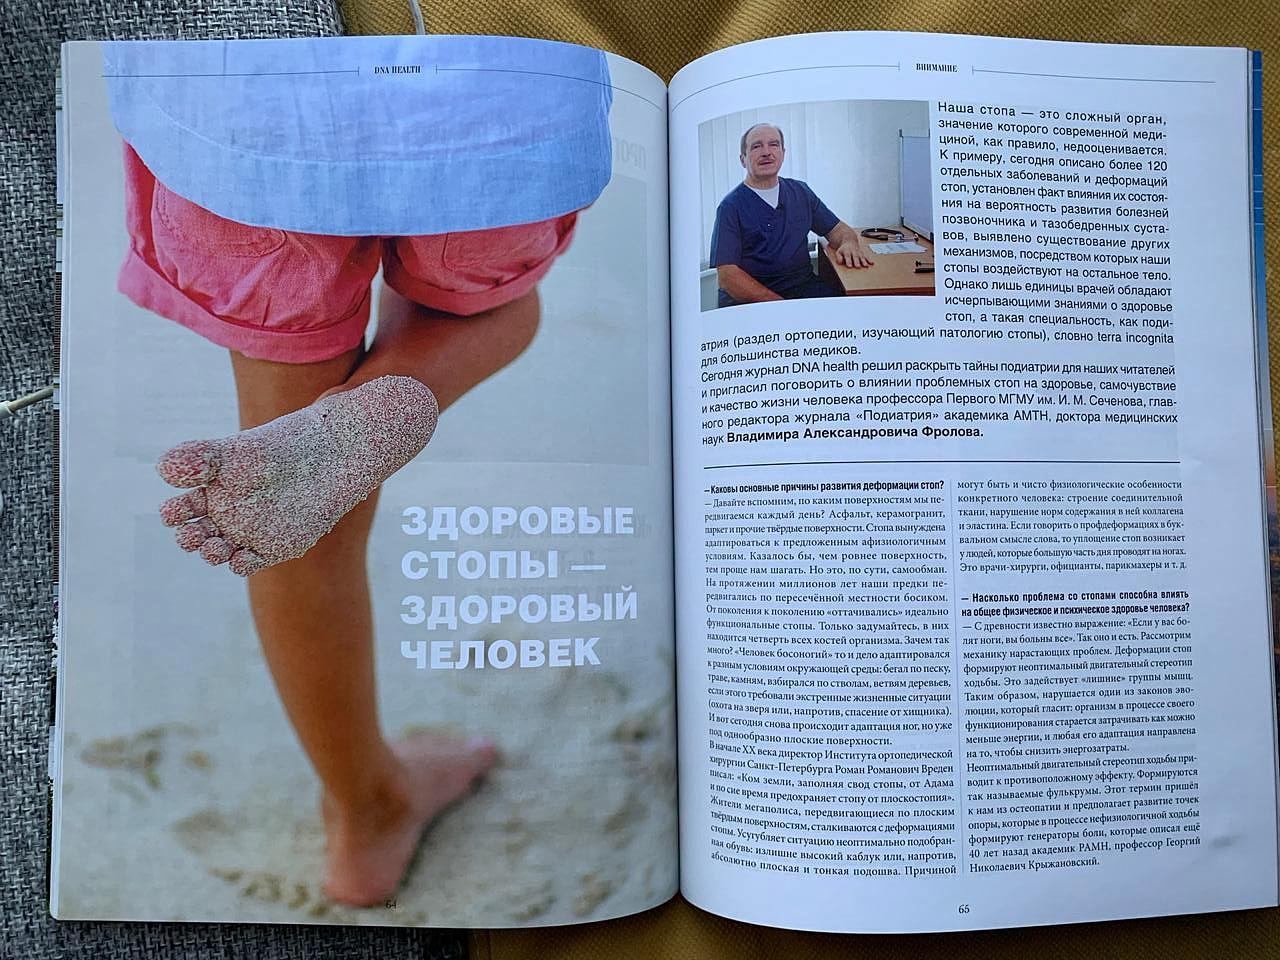 Здоровые стопы — здоровый человек